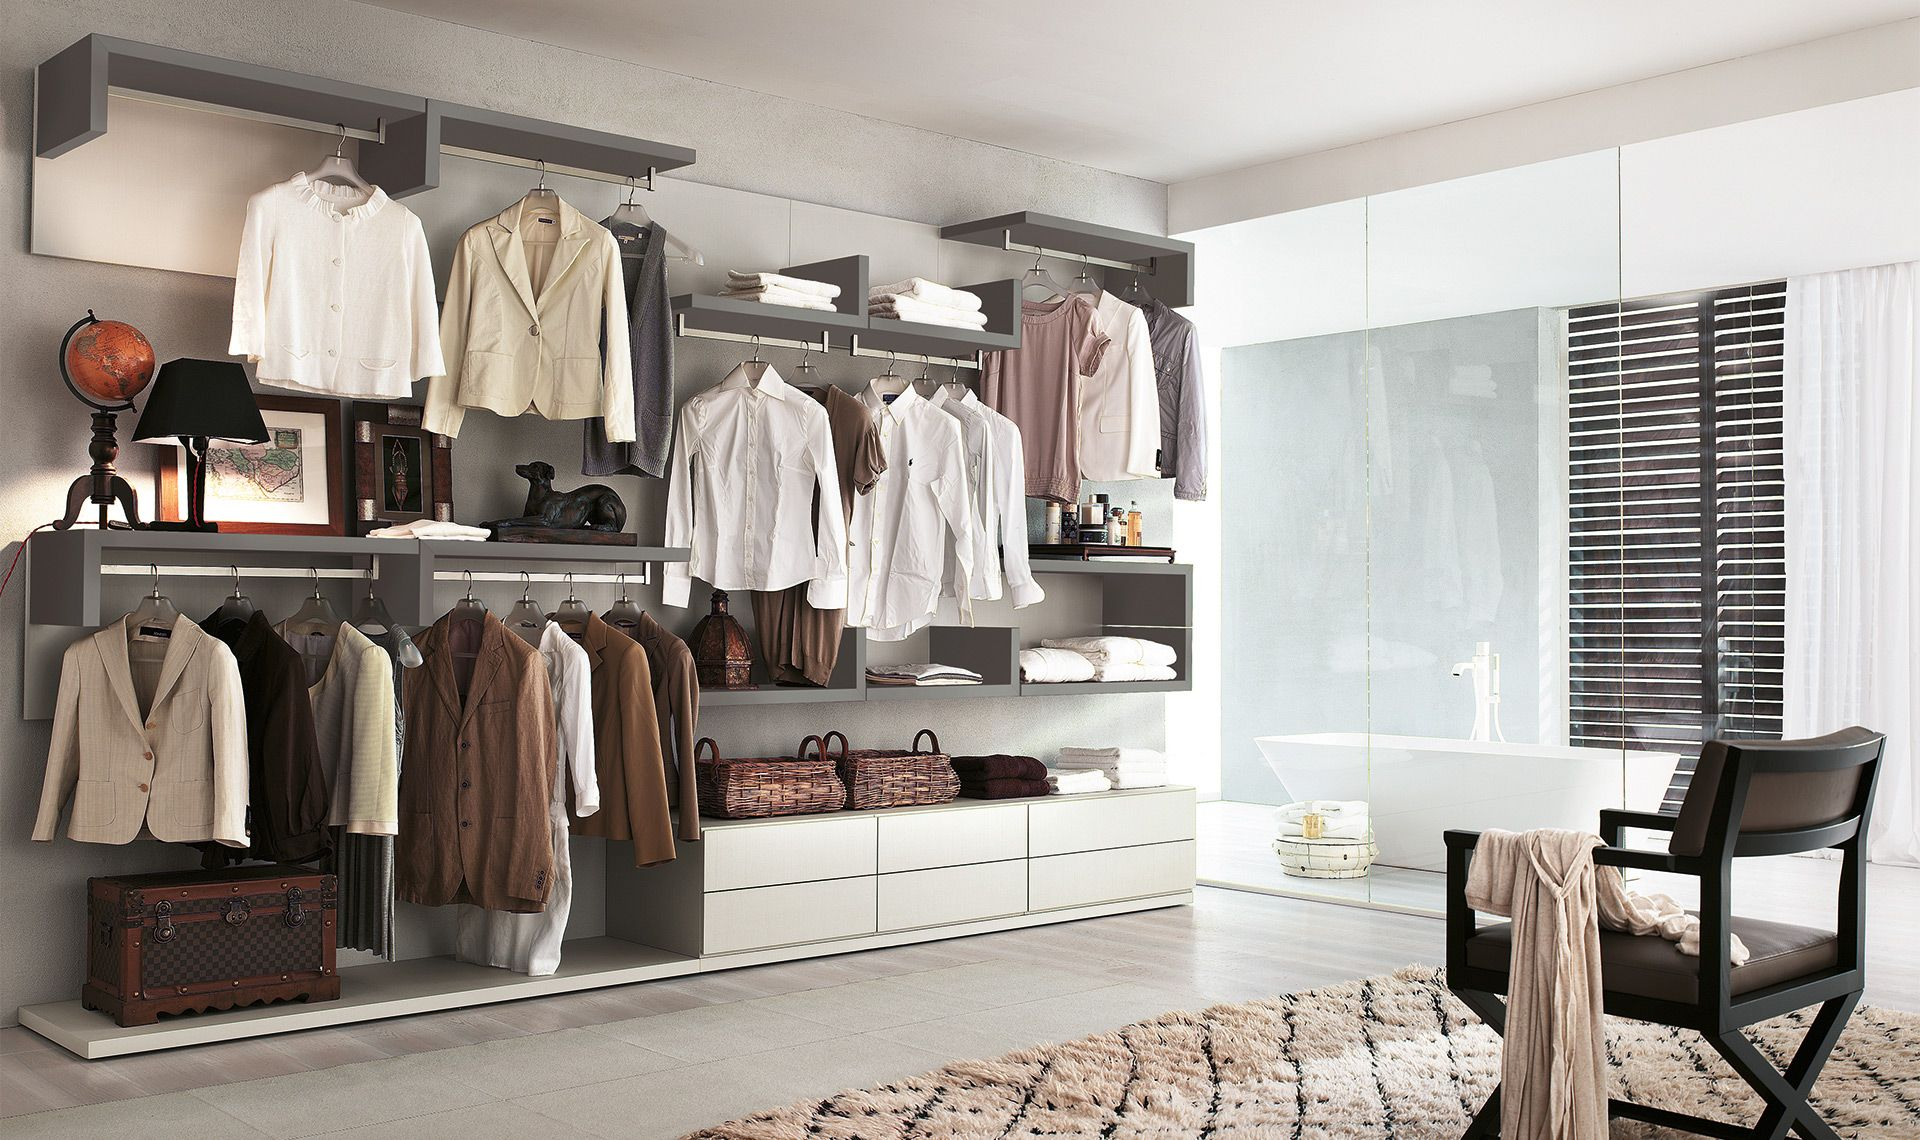 La Cabina Meaning : Tutti i tuoi vestiti a portata di mano e ben ordinati con la cabina